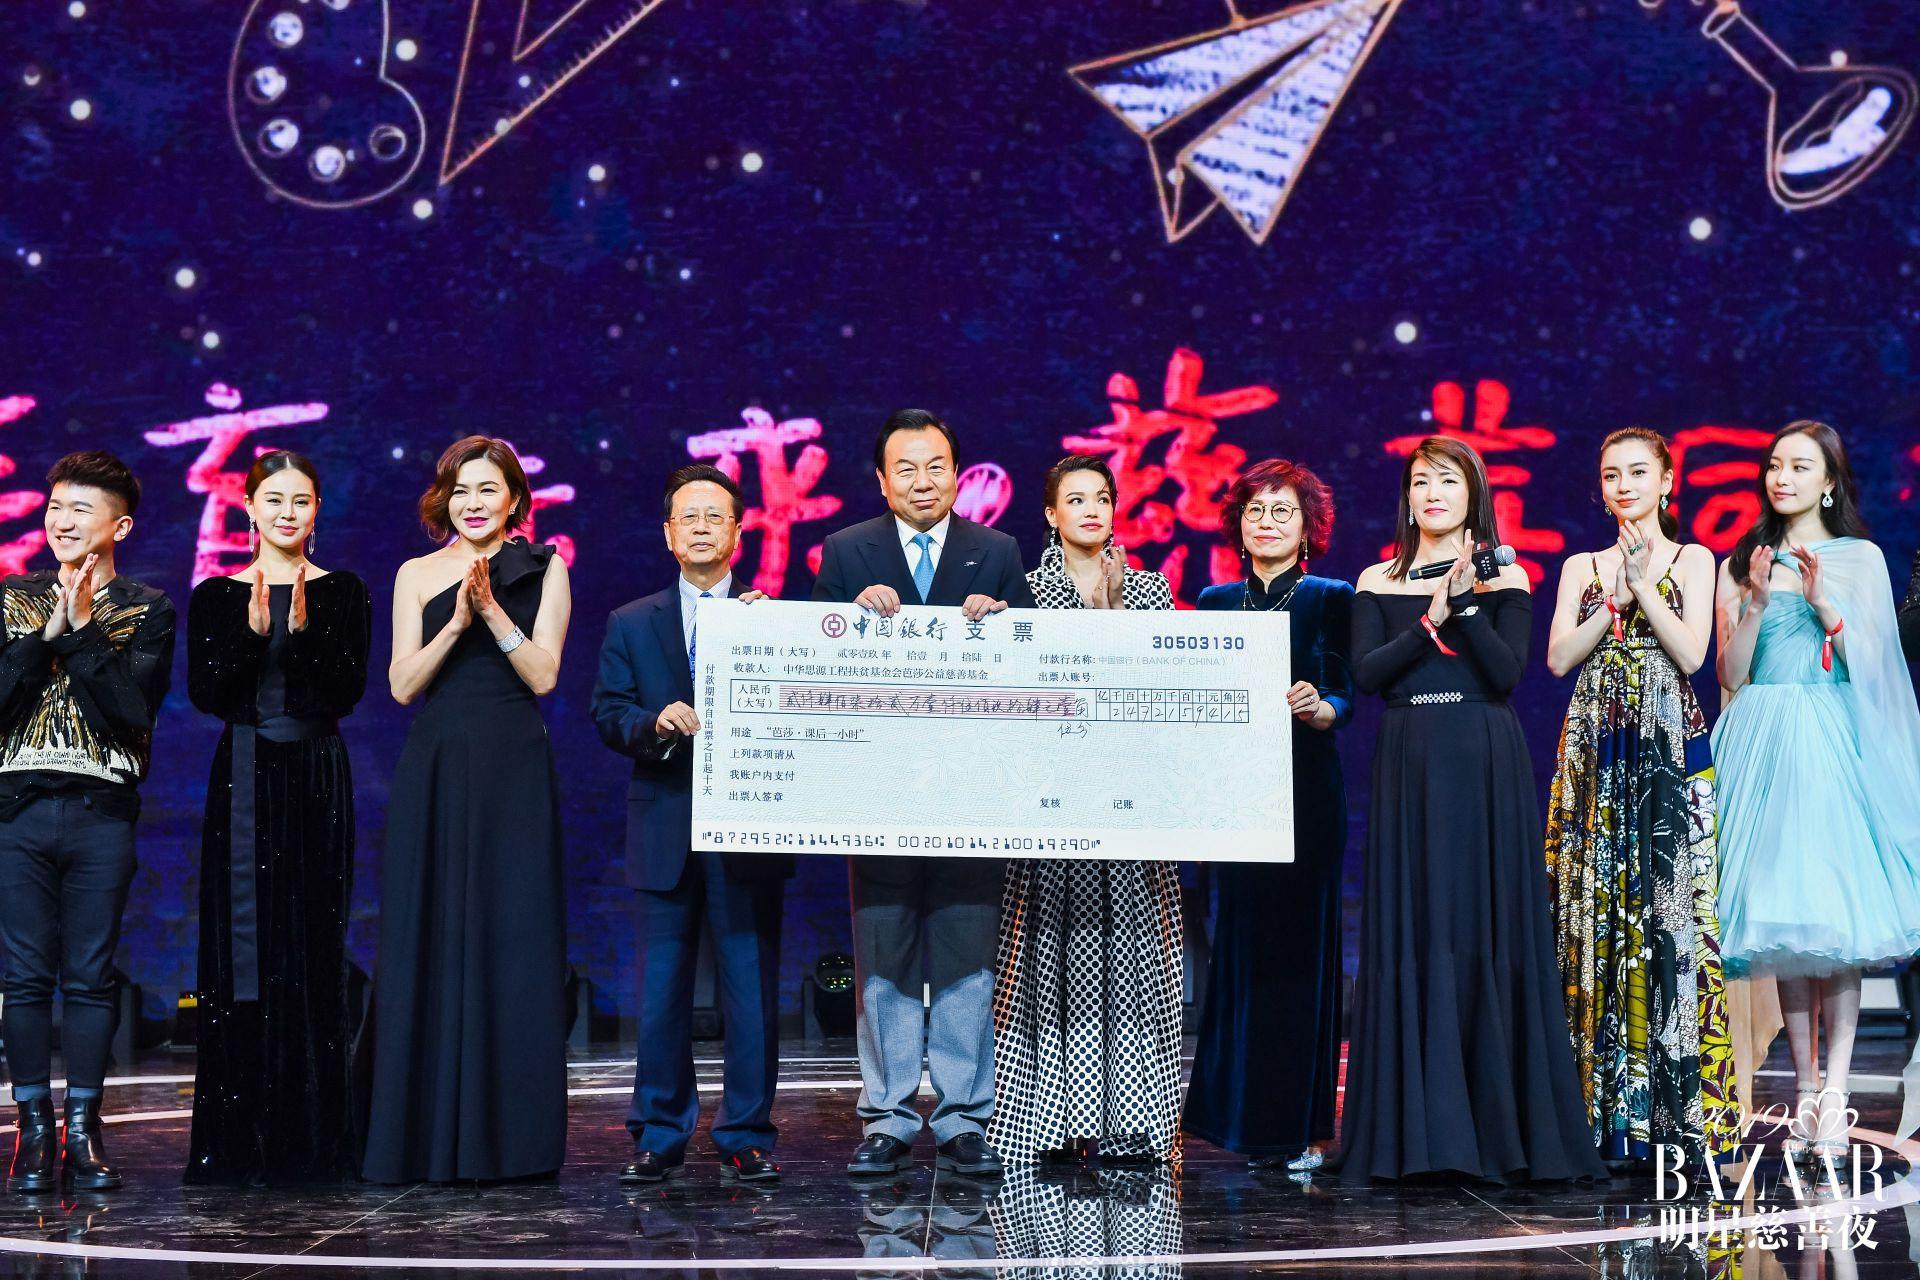 2019芭莎明星慈善夜助力教育事业 募集逾2千万善款